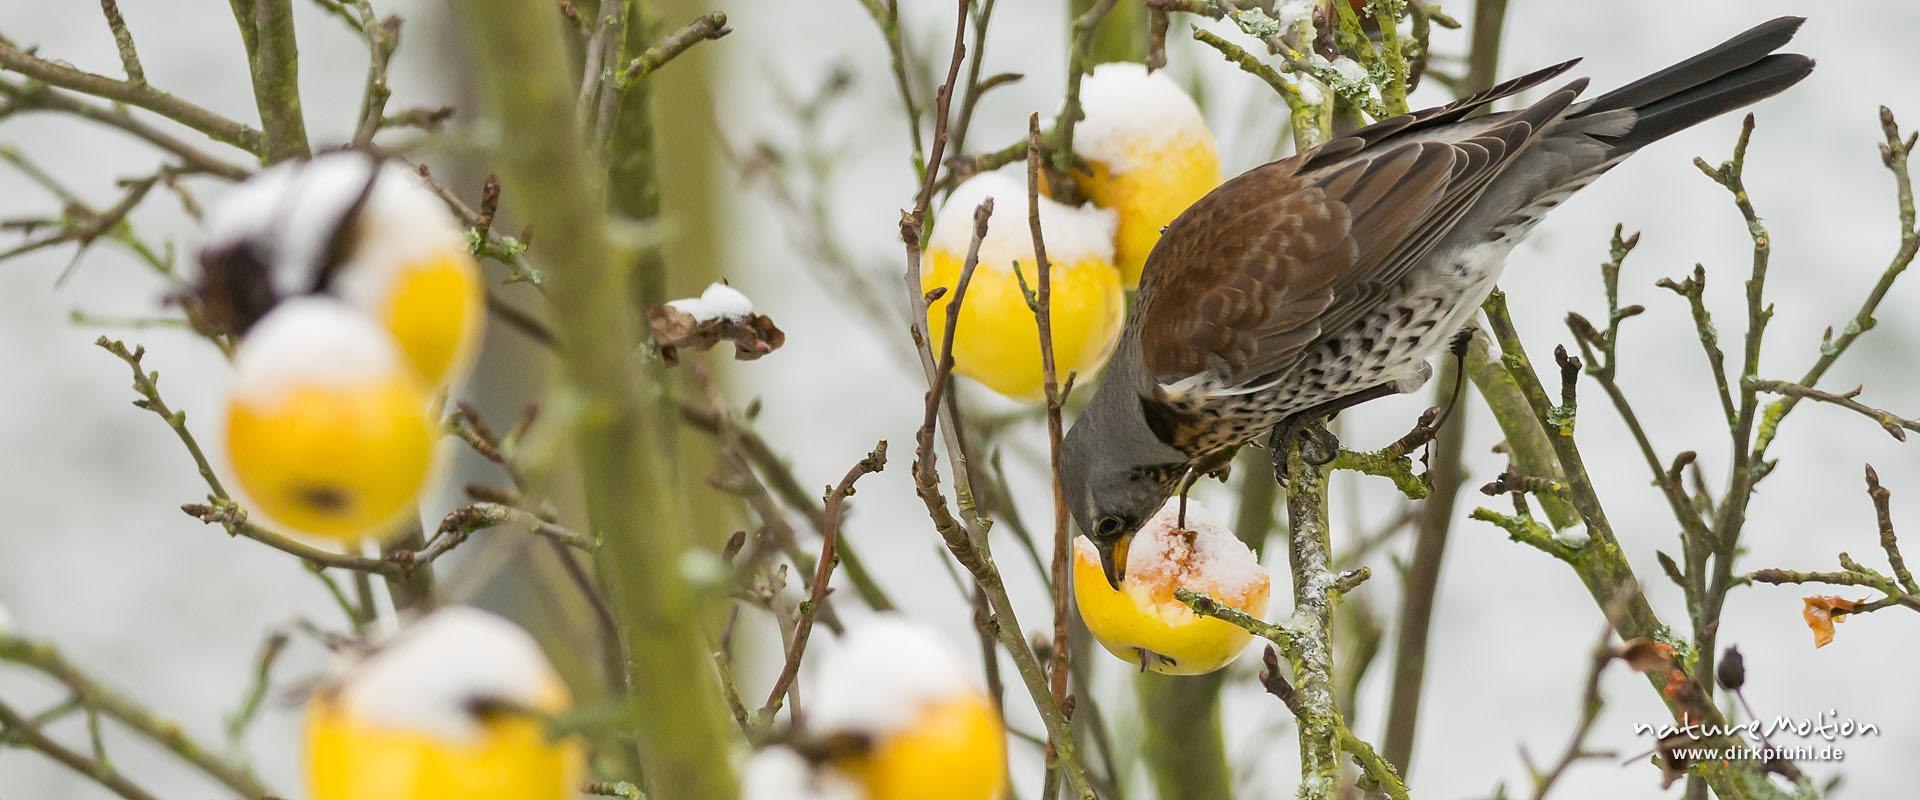 Wacholderdrossel, Turdus pilaris, Drosseln (Turdidae), Tier sitzt in einem Apfelbaum und frisst von Äpfeln, die dort hängen geblieben sind, Garten, frischer Schnee, Göttingen, Deutschland